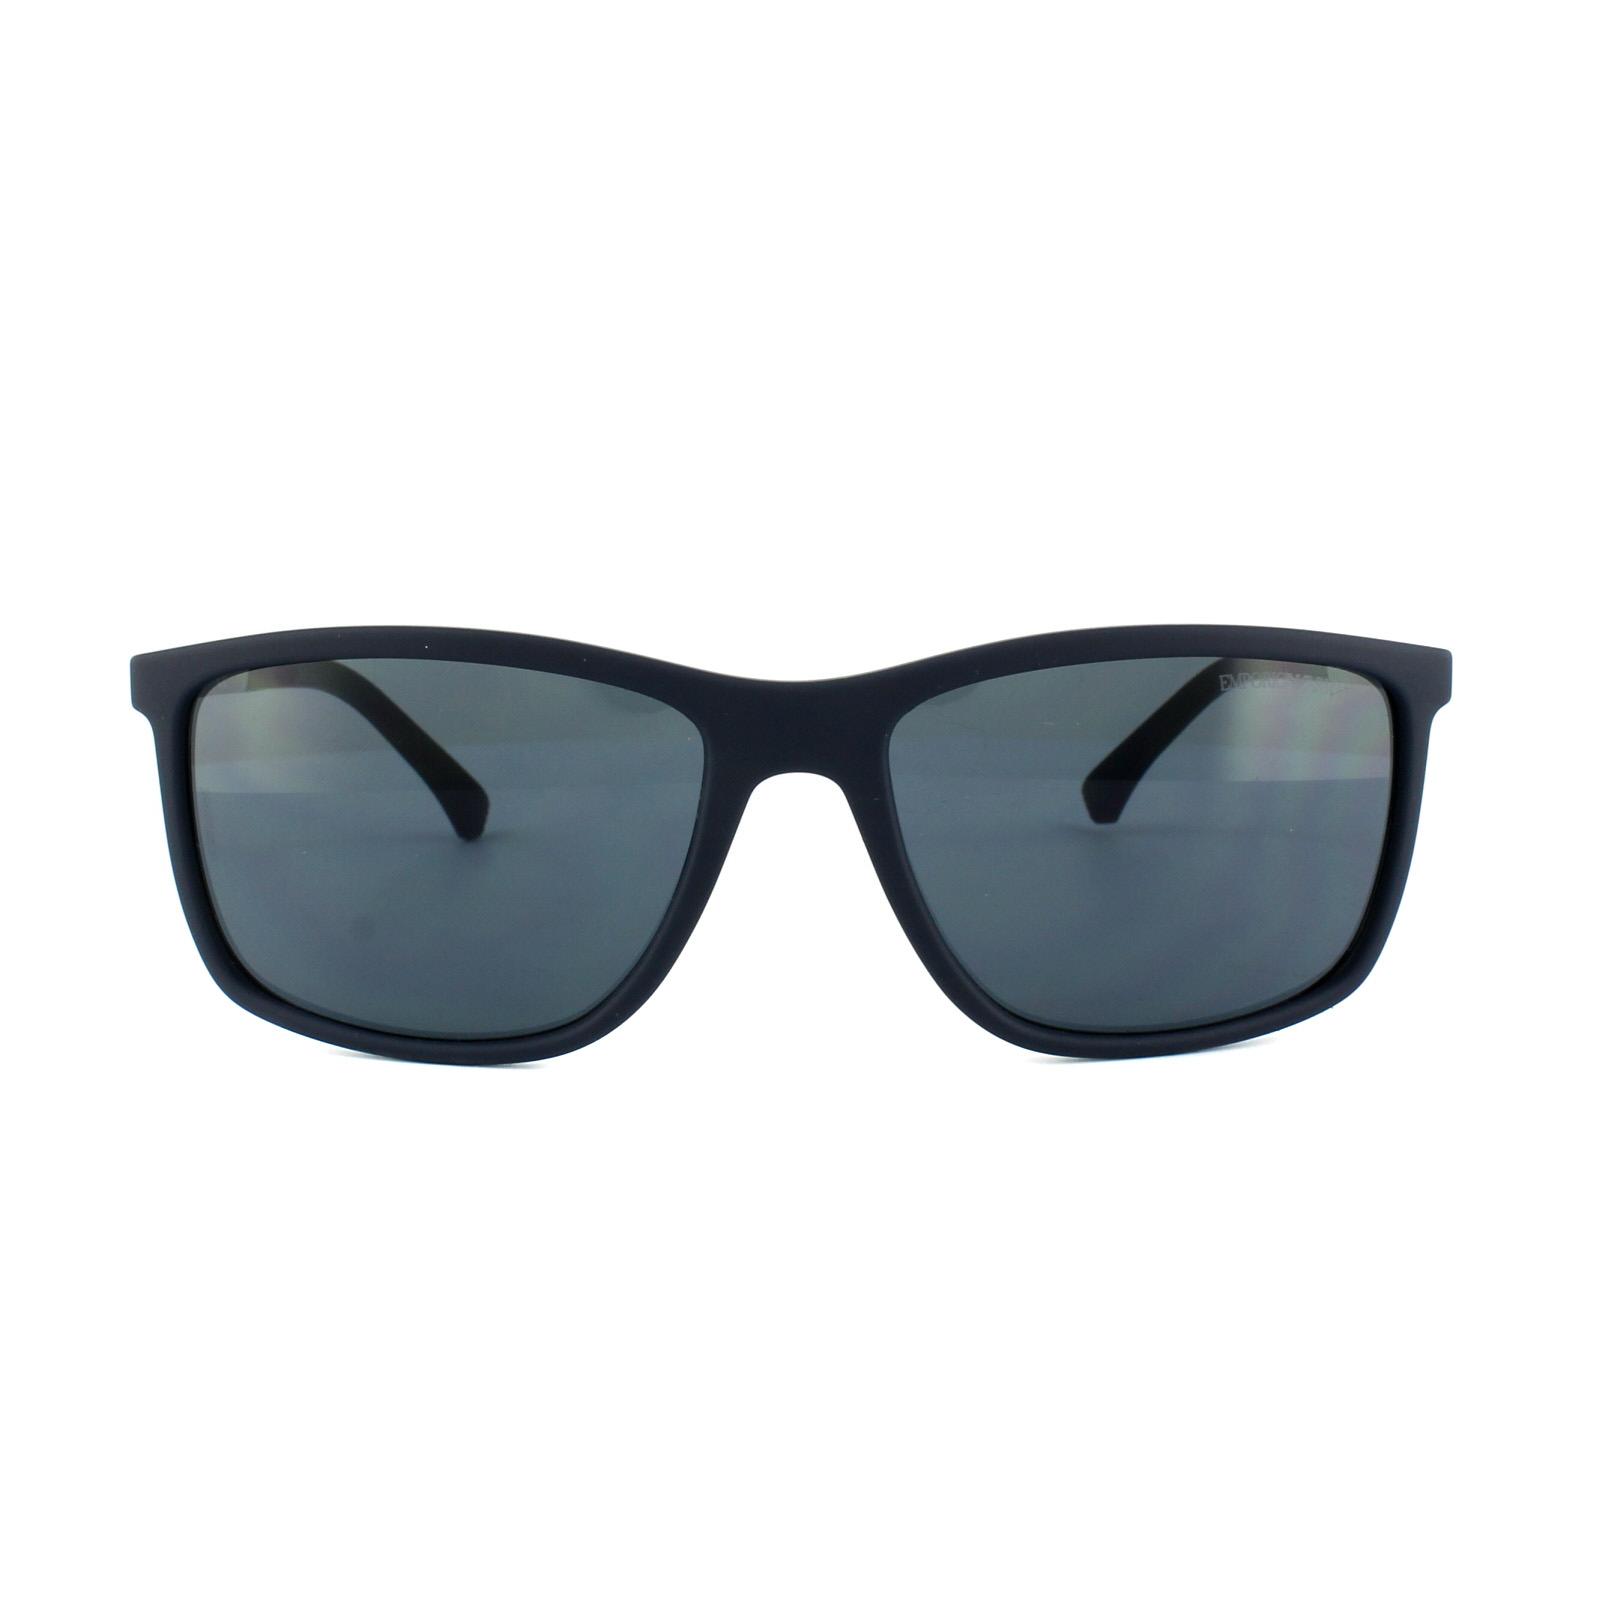 7fd627c25b6 Sentinel Emporio Armani Sunglasses 4058 5474 87 Blue Rubber Grey